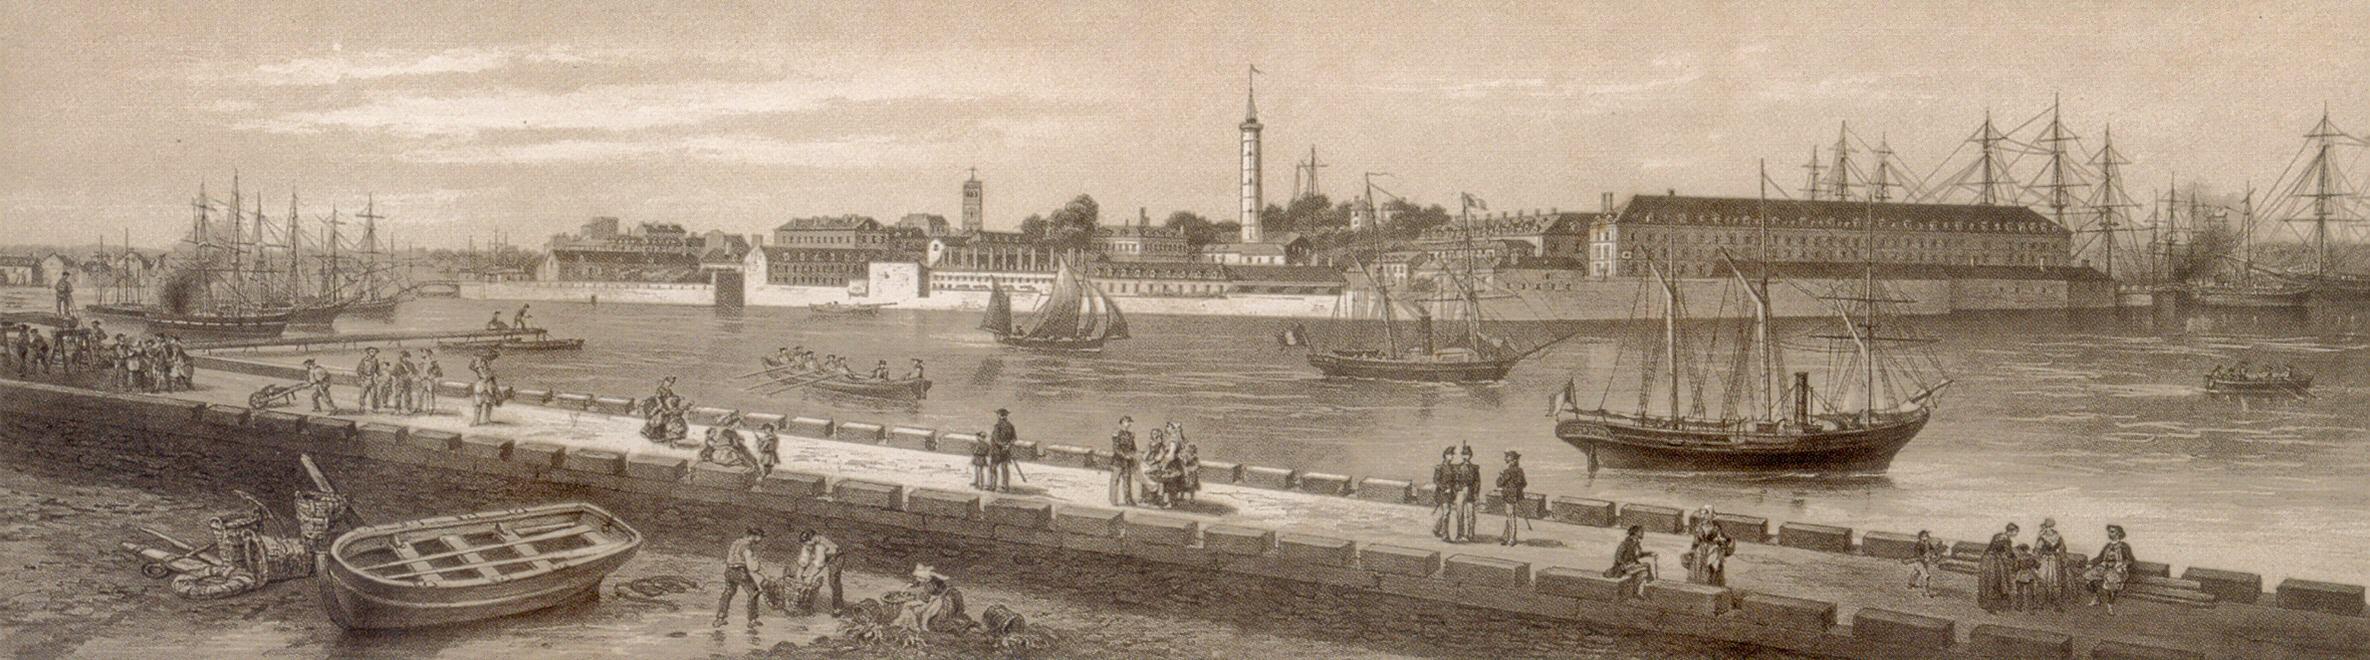 Dernière parution : Lorient - Ville portuaire - Une nouvelle histoire des origines à nos jours - Gérard Le Bouëdec - Christophe Cérino - (cliquer ici)